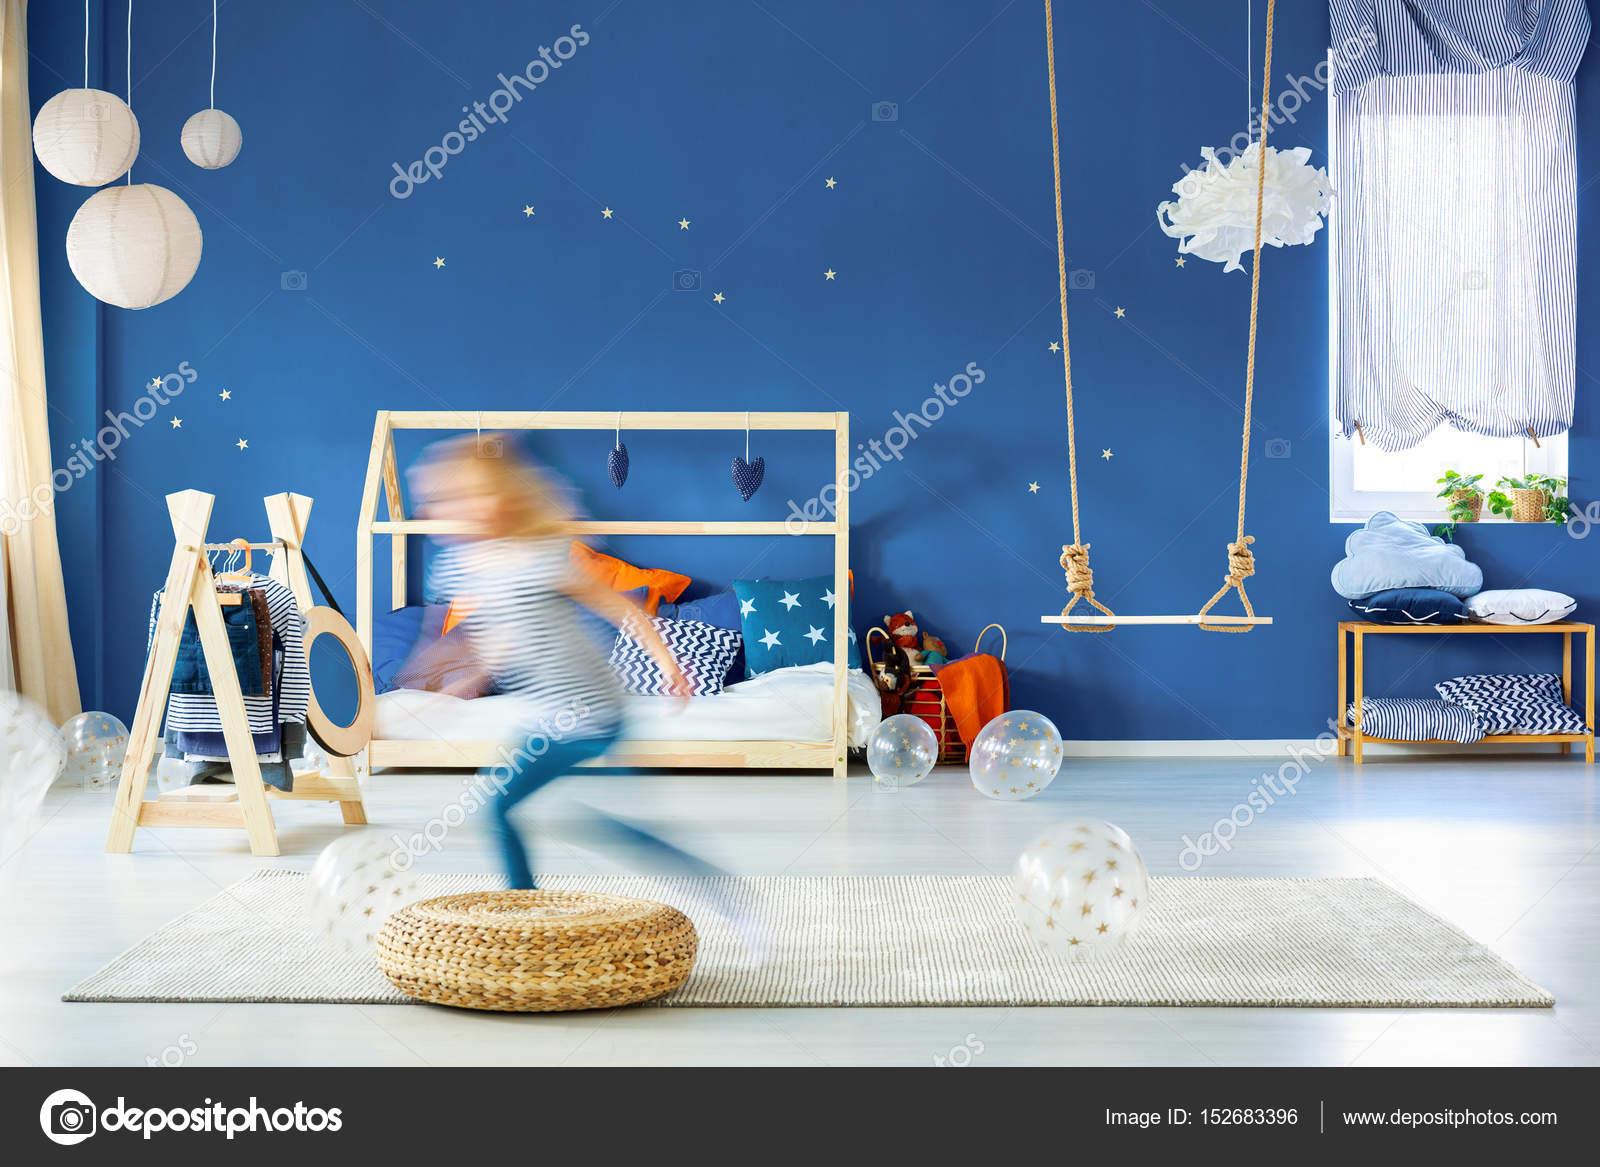 Dziecko Sypialnia Z Niebieska Sciana Zdjecie Stockowe